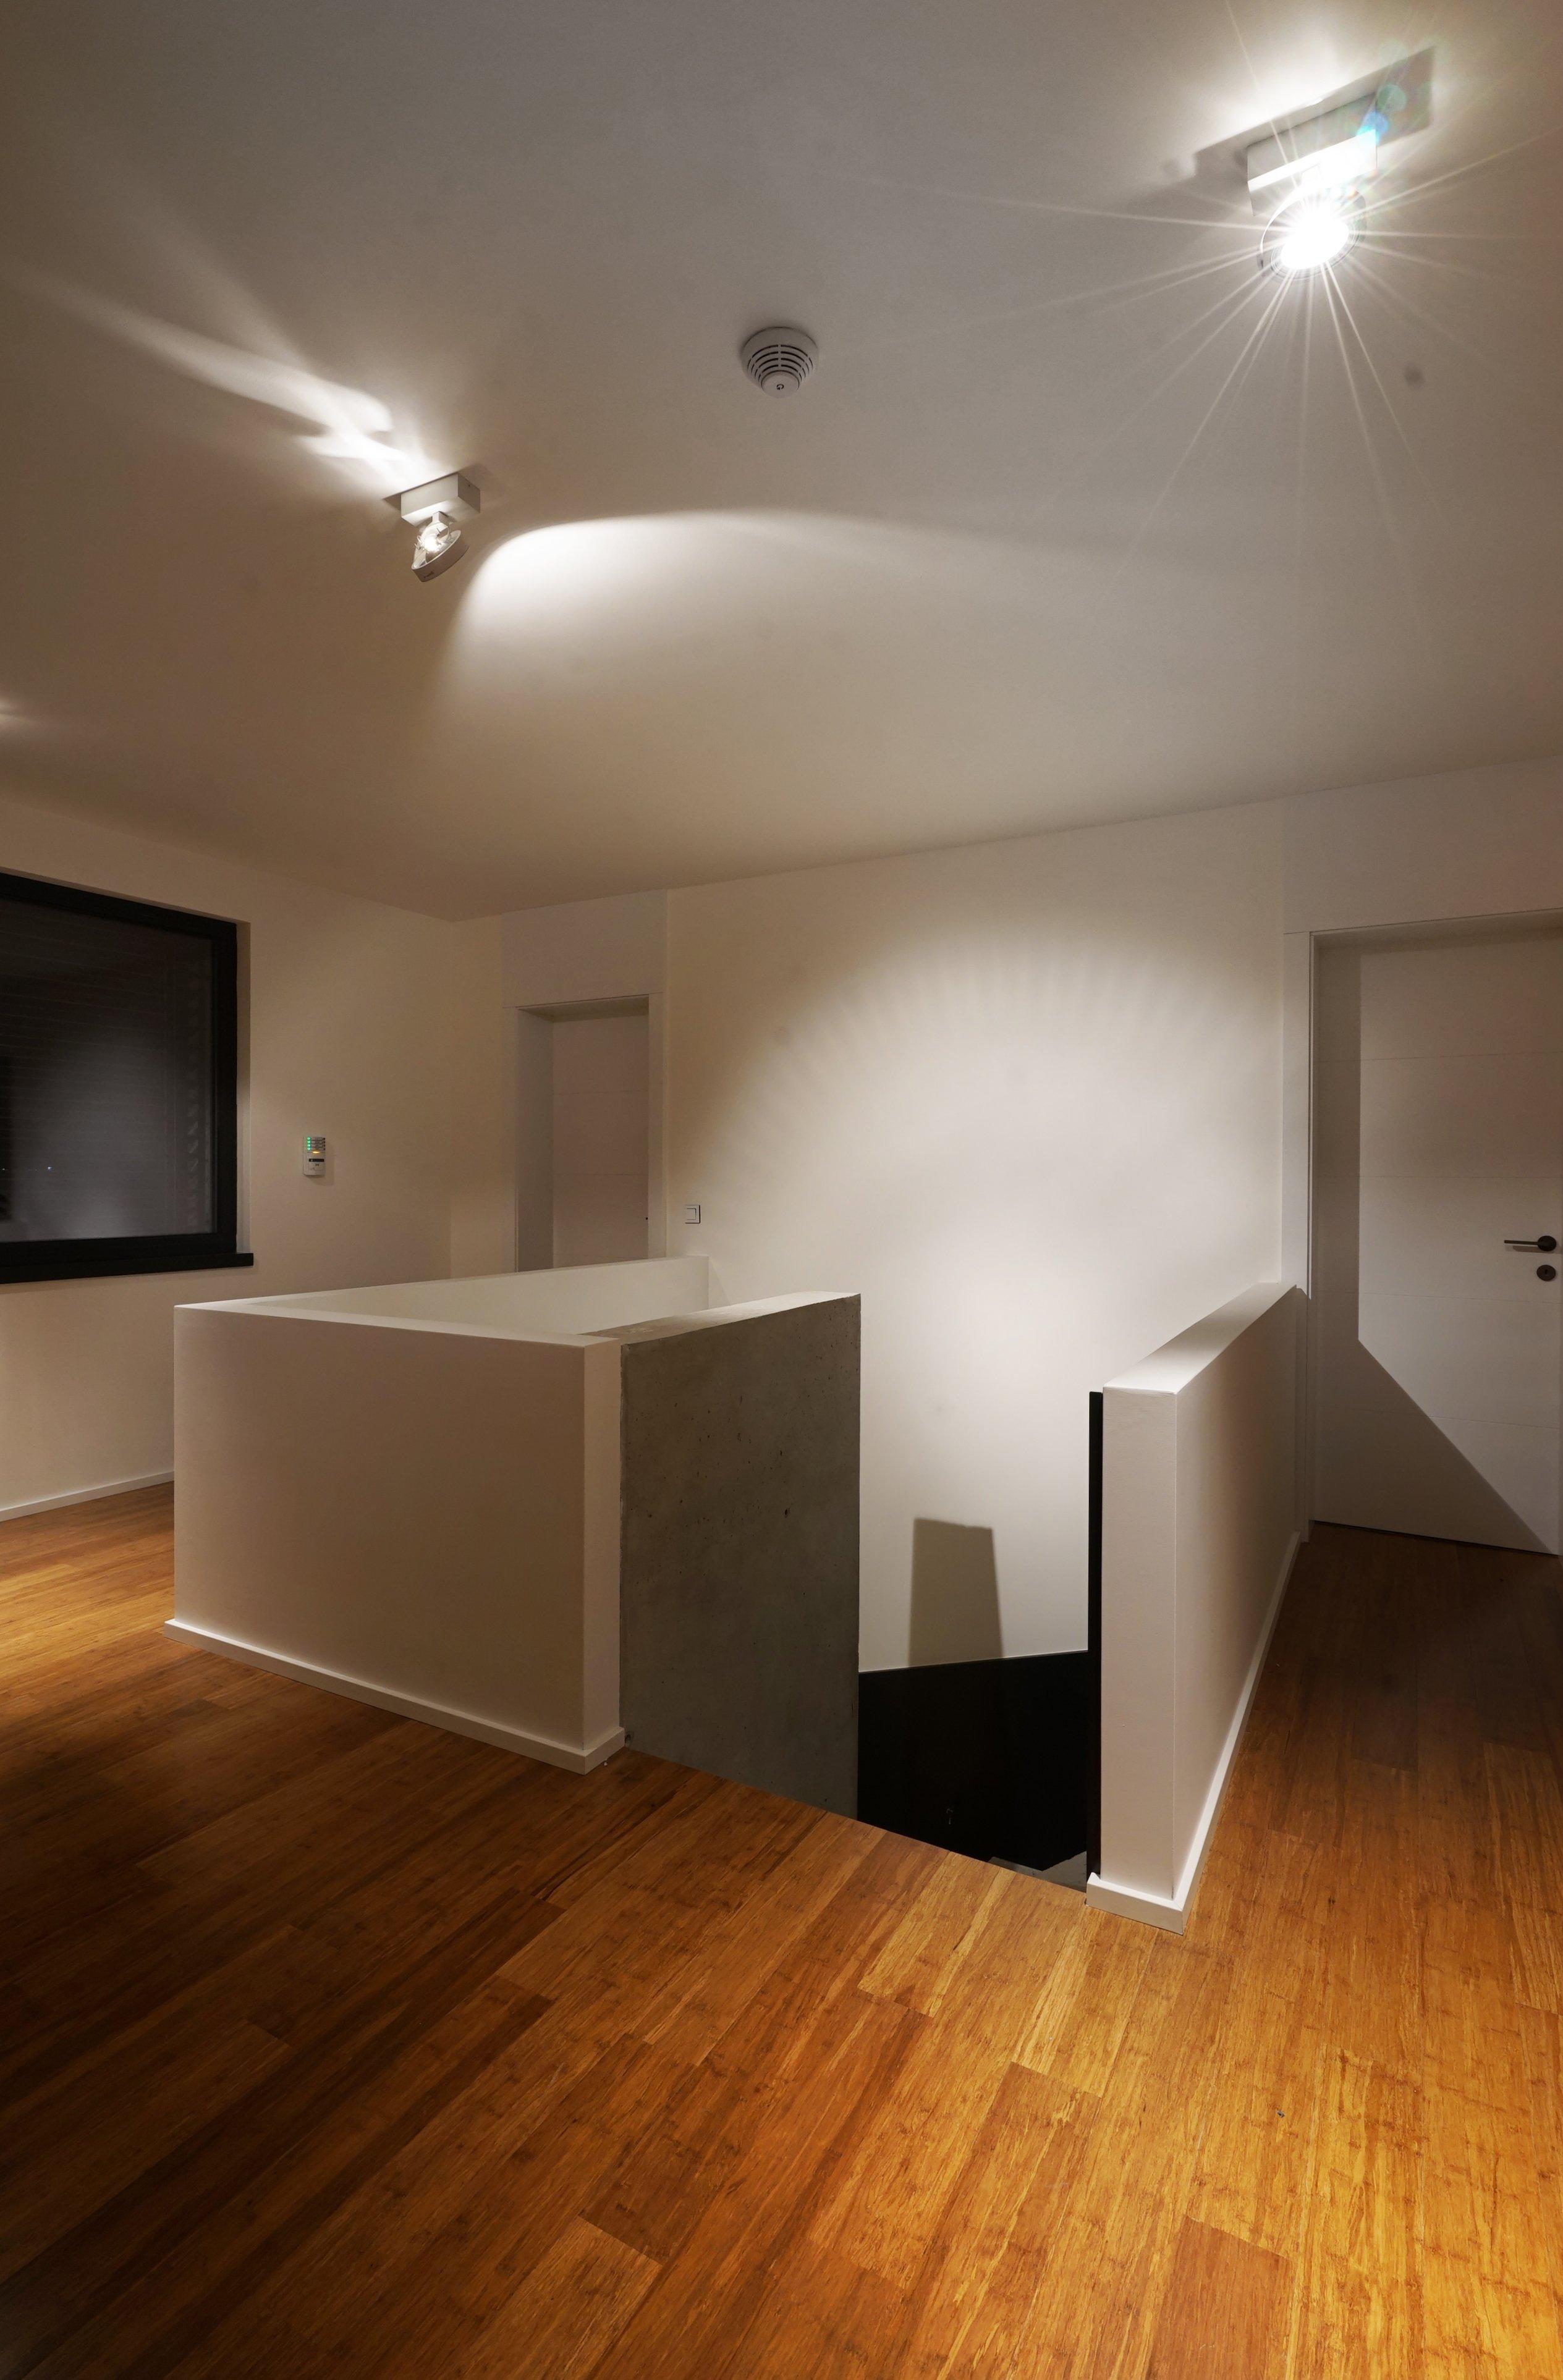 Novostavba rodinného domu včetně návrhu interiéru a dohledu na realizaci.